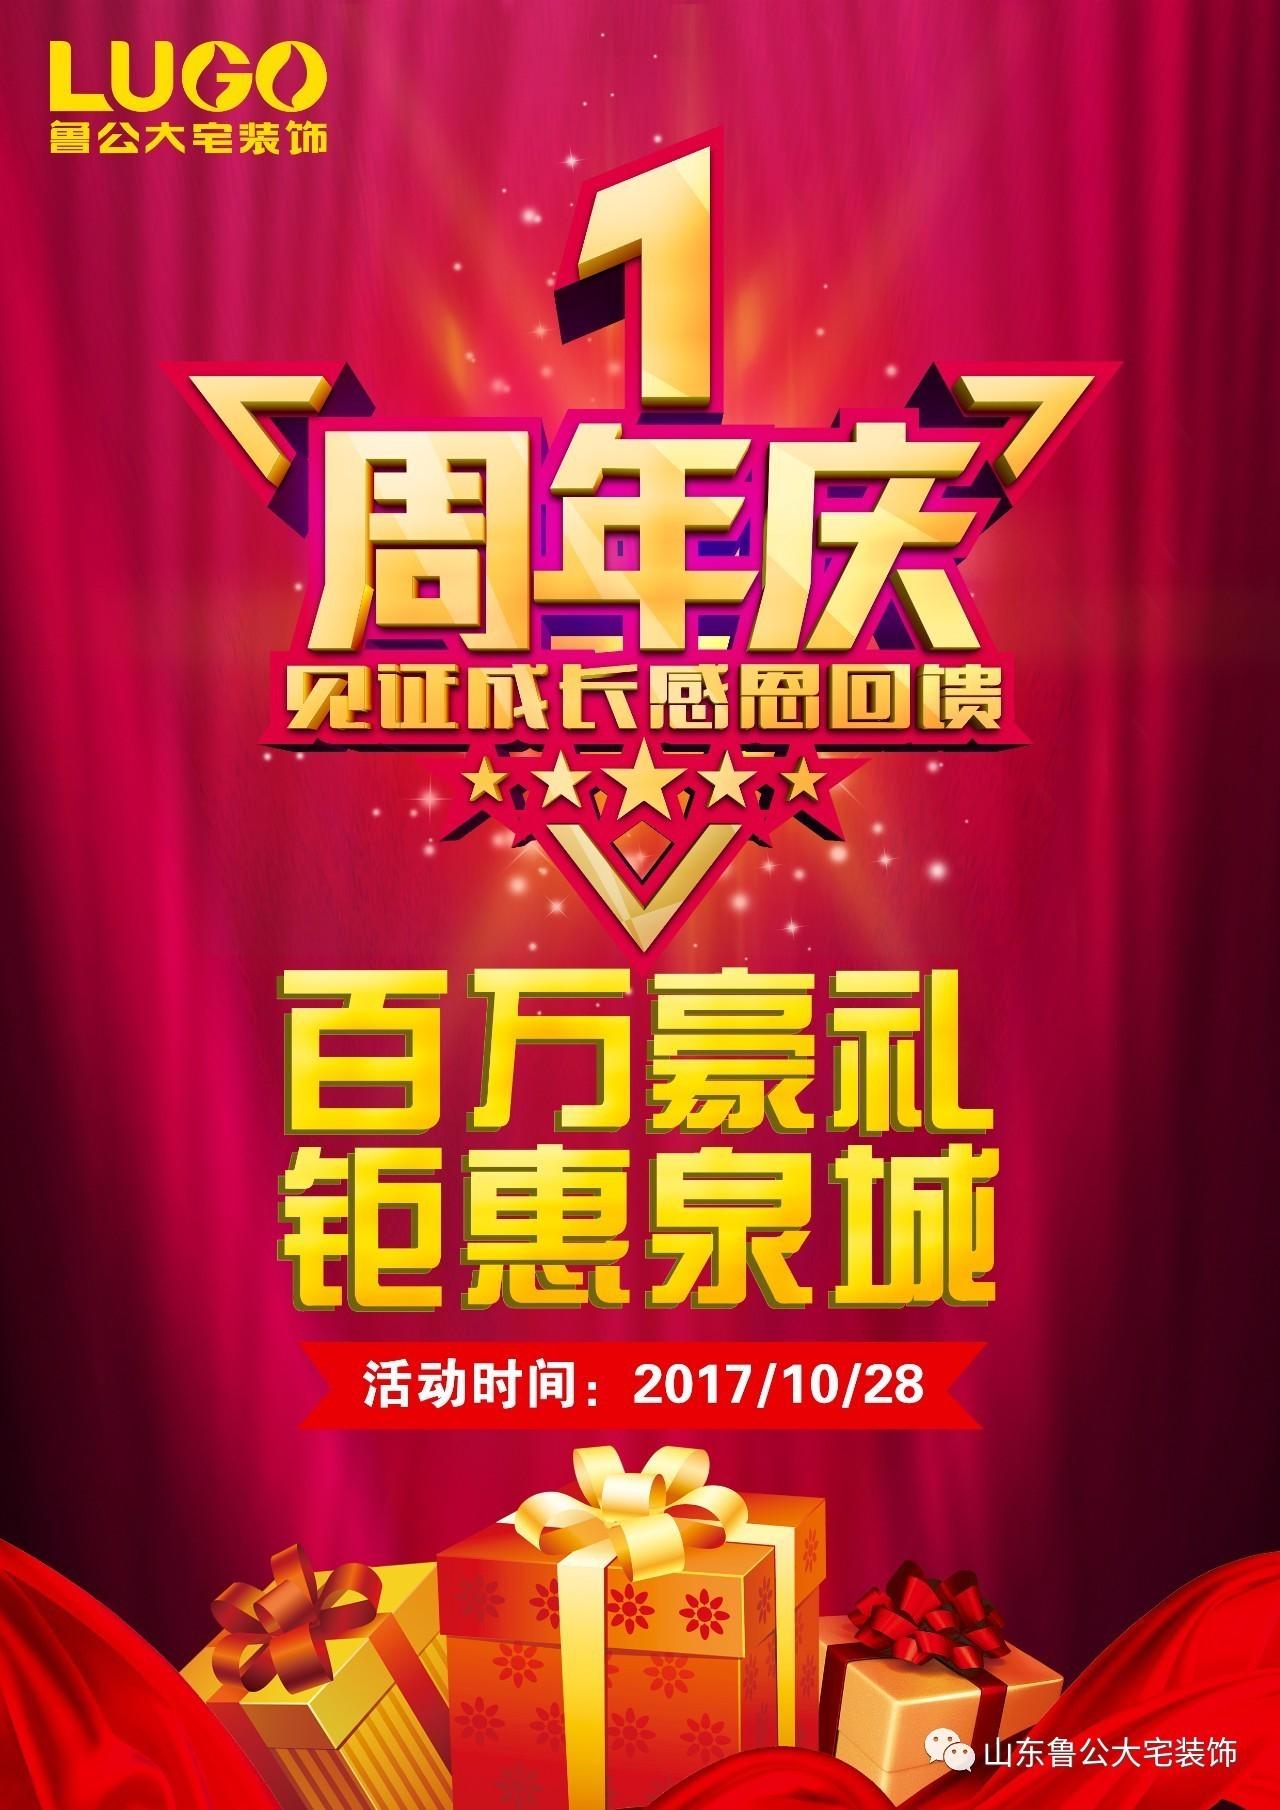 鲁公大宅装饰周年庆典,百万豪礼钜惠泉城!